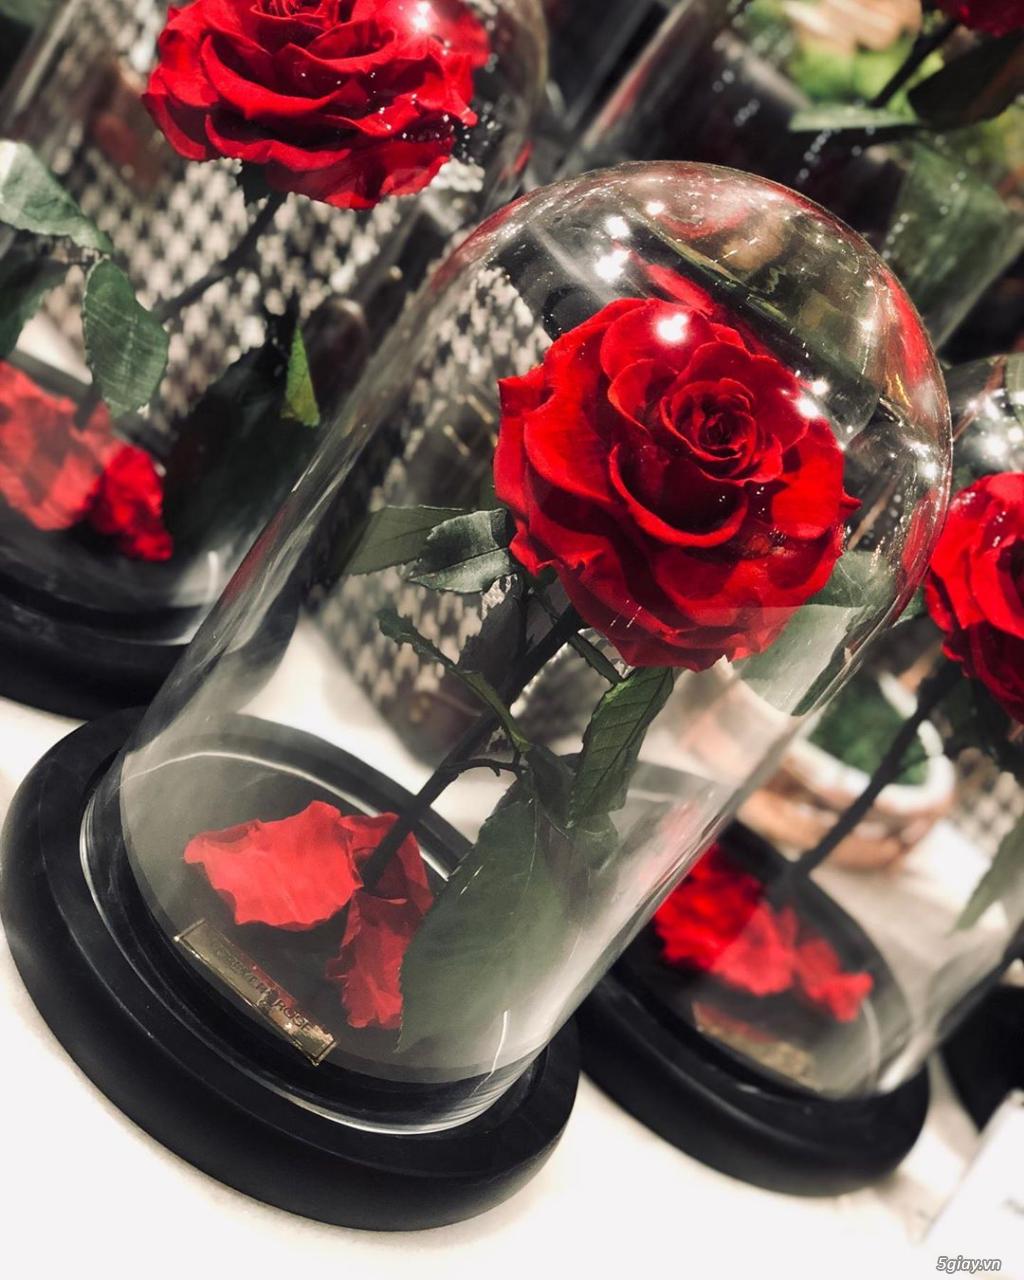 HCM - Hoa hồng vĩnh cữu đặt trong lọ kính cực kỳ sang trọng - 2